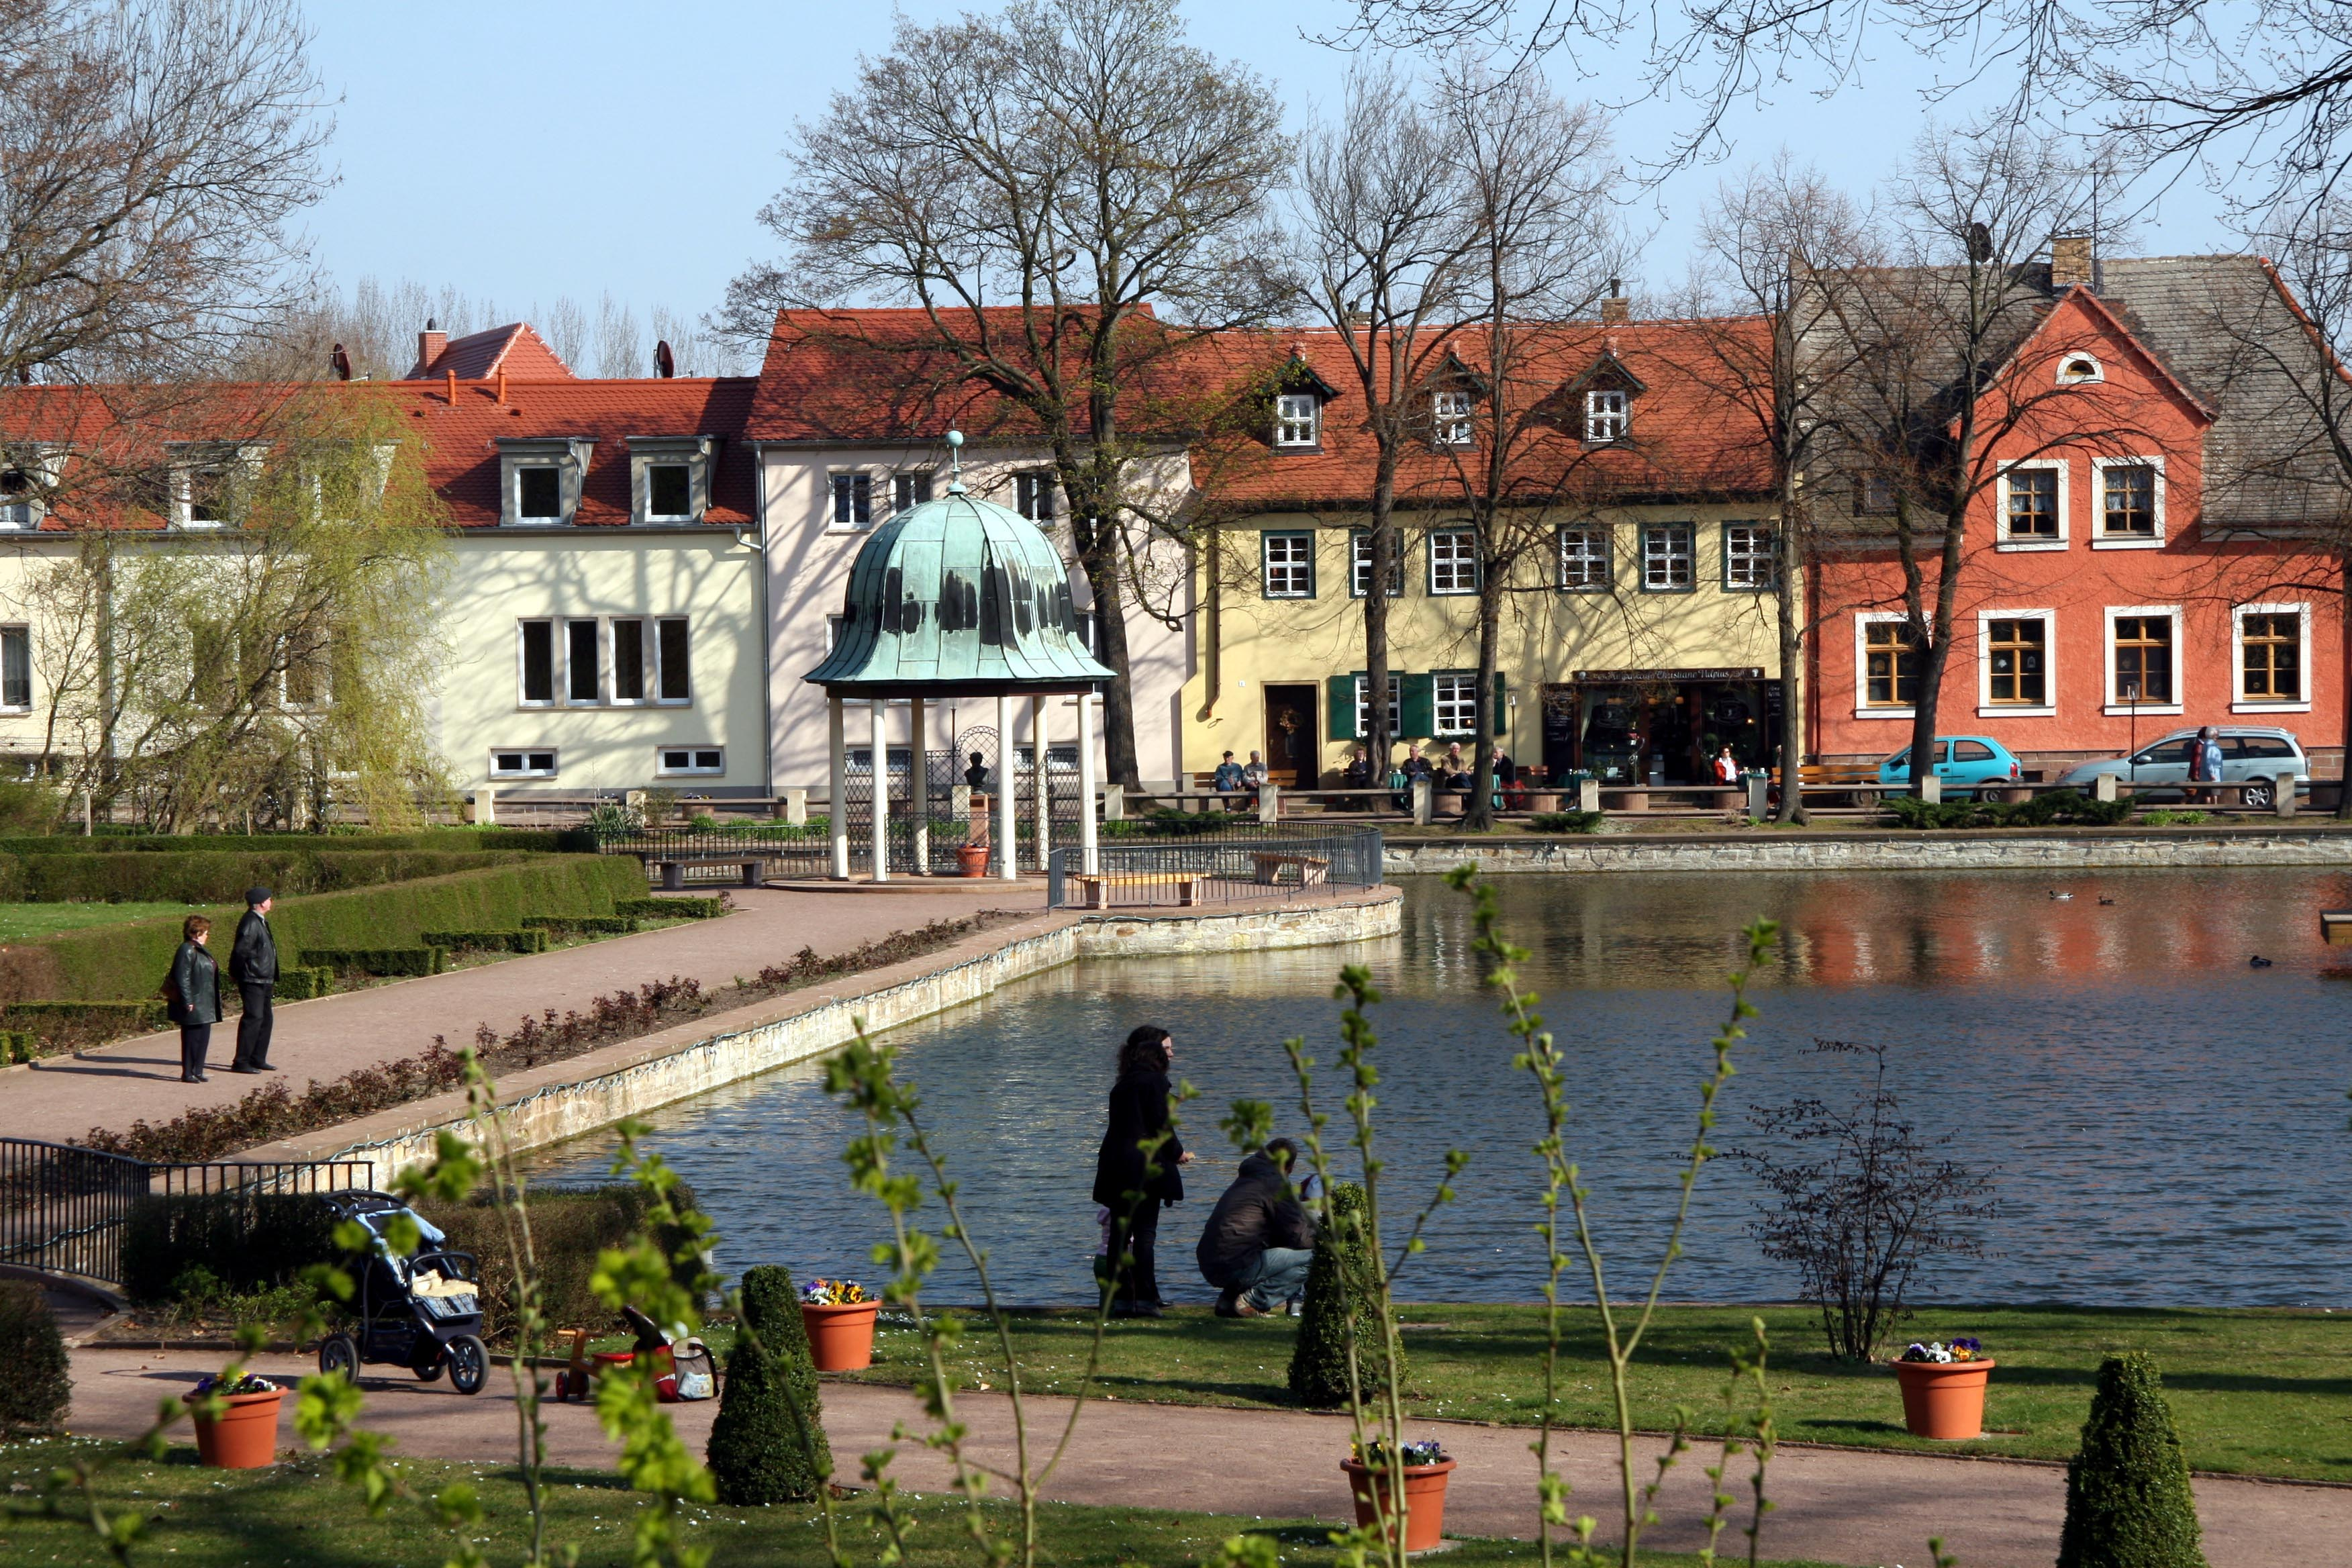 Ihr Immobilienmakler für Bad Lauchstädt | Haus verkaufen | Immobilie